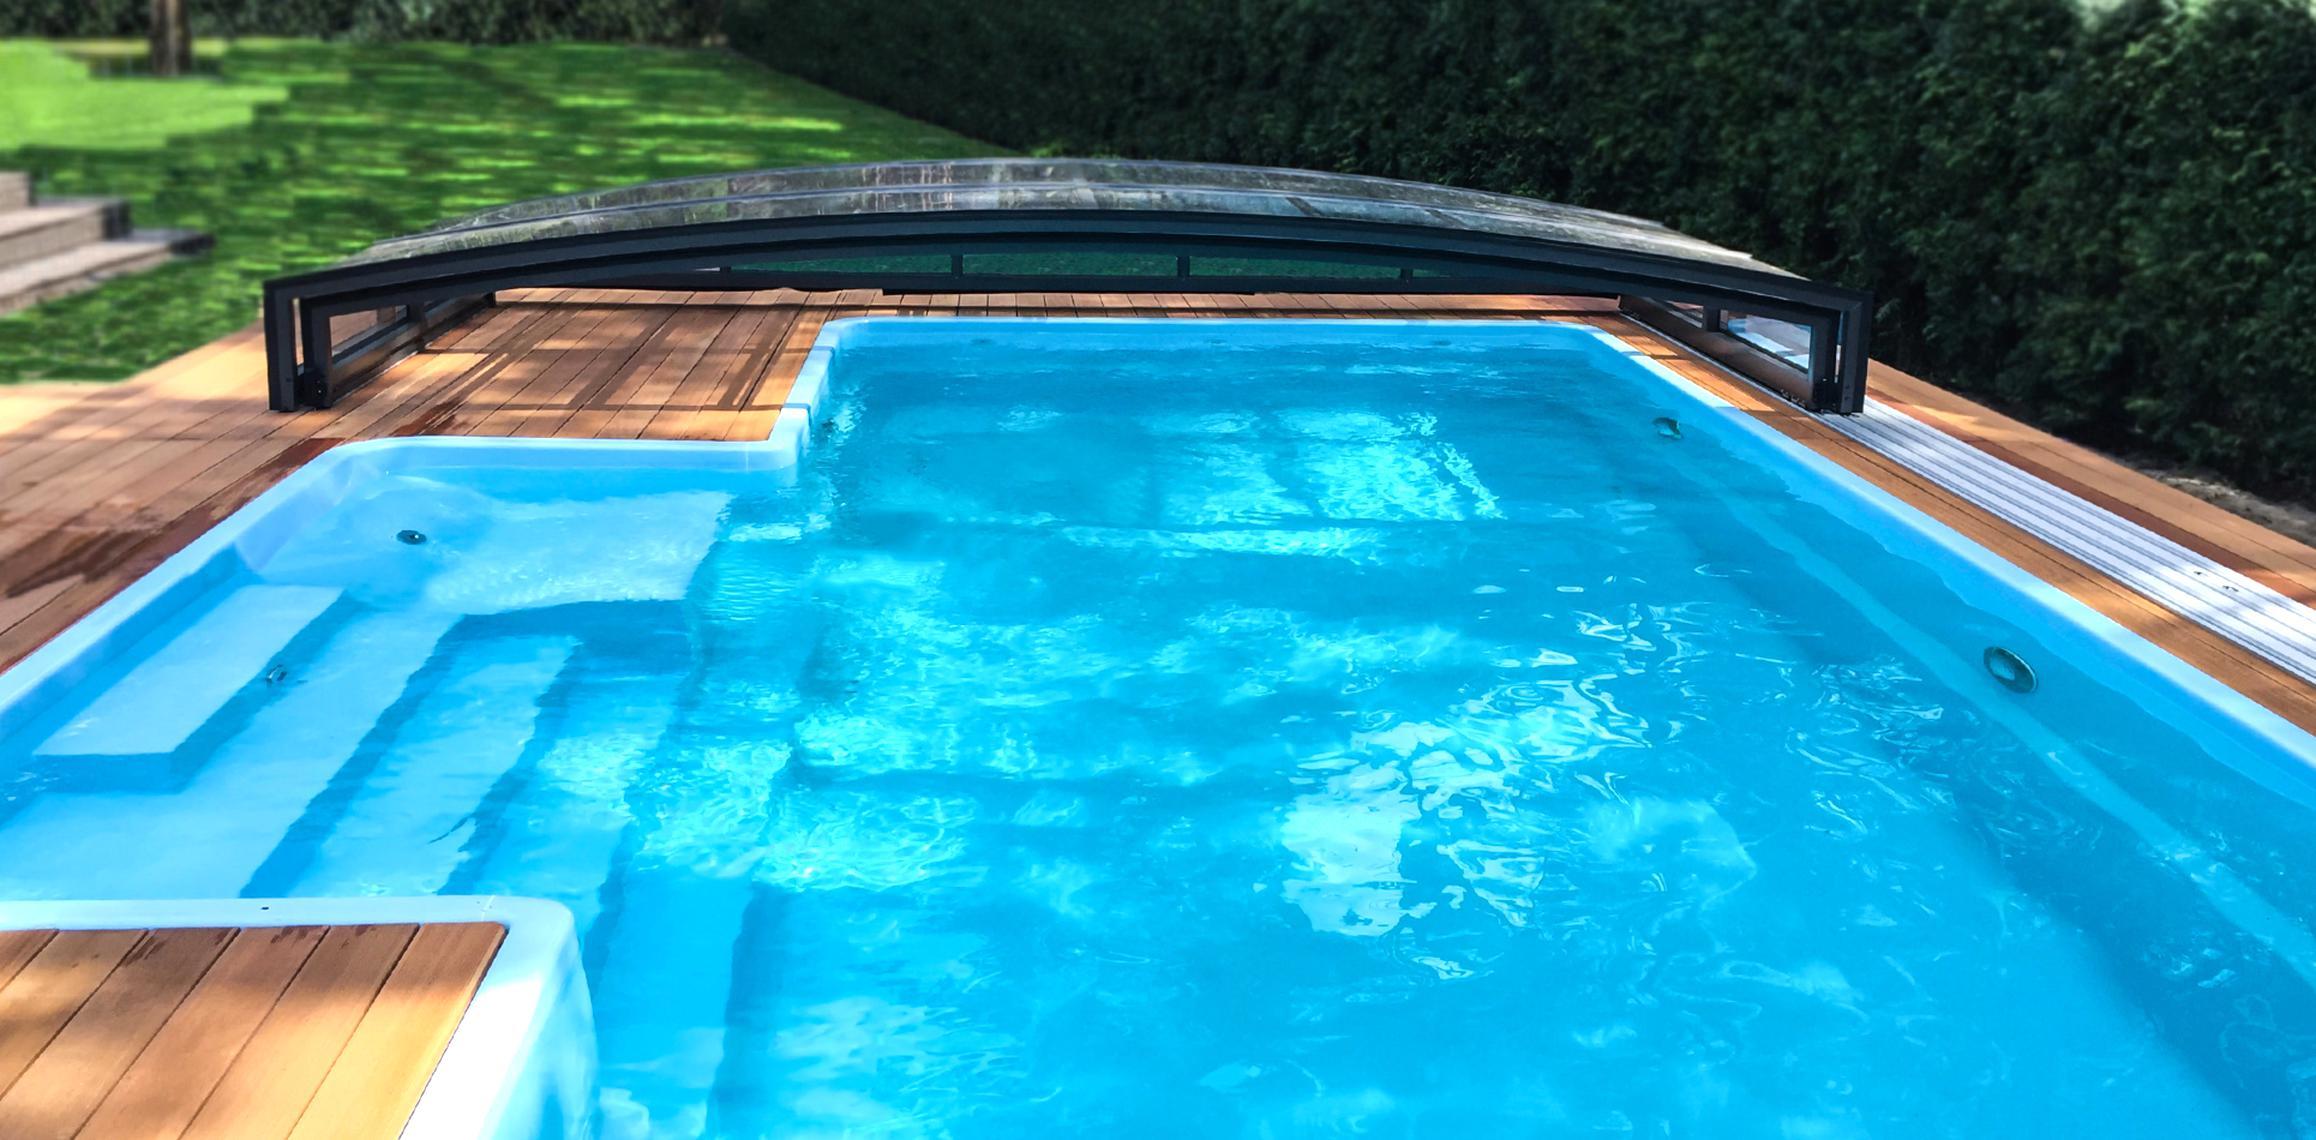 Full Size of Pool Kaufen Küche Tipps Garten Guenstig Velux Fenster Bett Aus Paletten Betten Günstig Hamburg 140x200 Outdoor Bad Amerikanische Sofa Breaking Big Alte Wohnzimmer Pool Kaufen